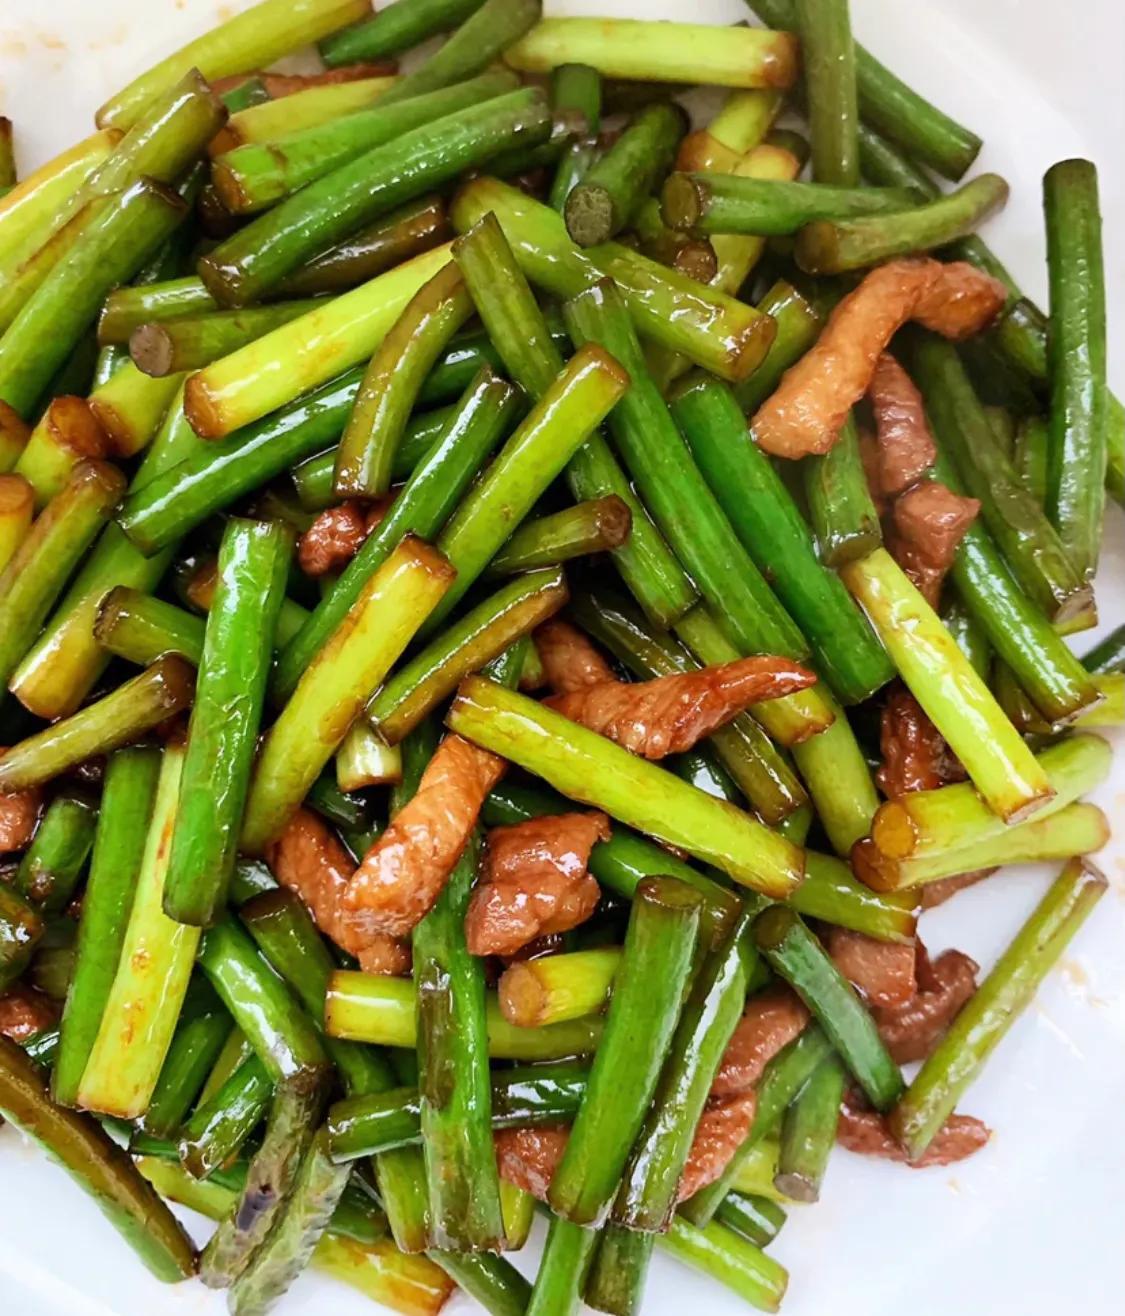 所有人都爱吃的家常菜:蒜苔炒肉 美食做法 第7张